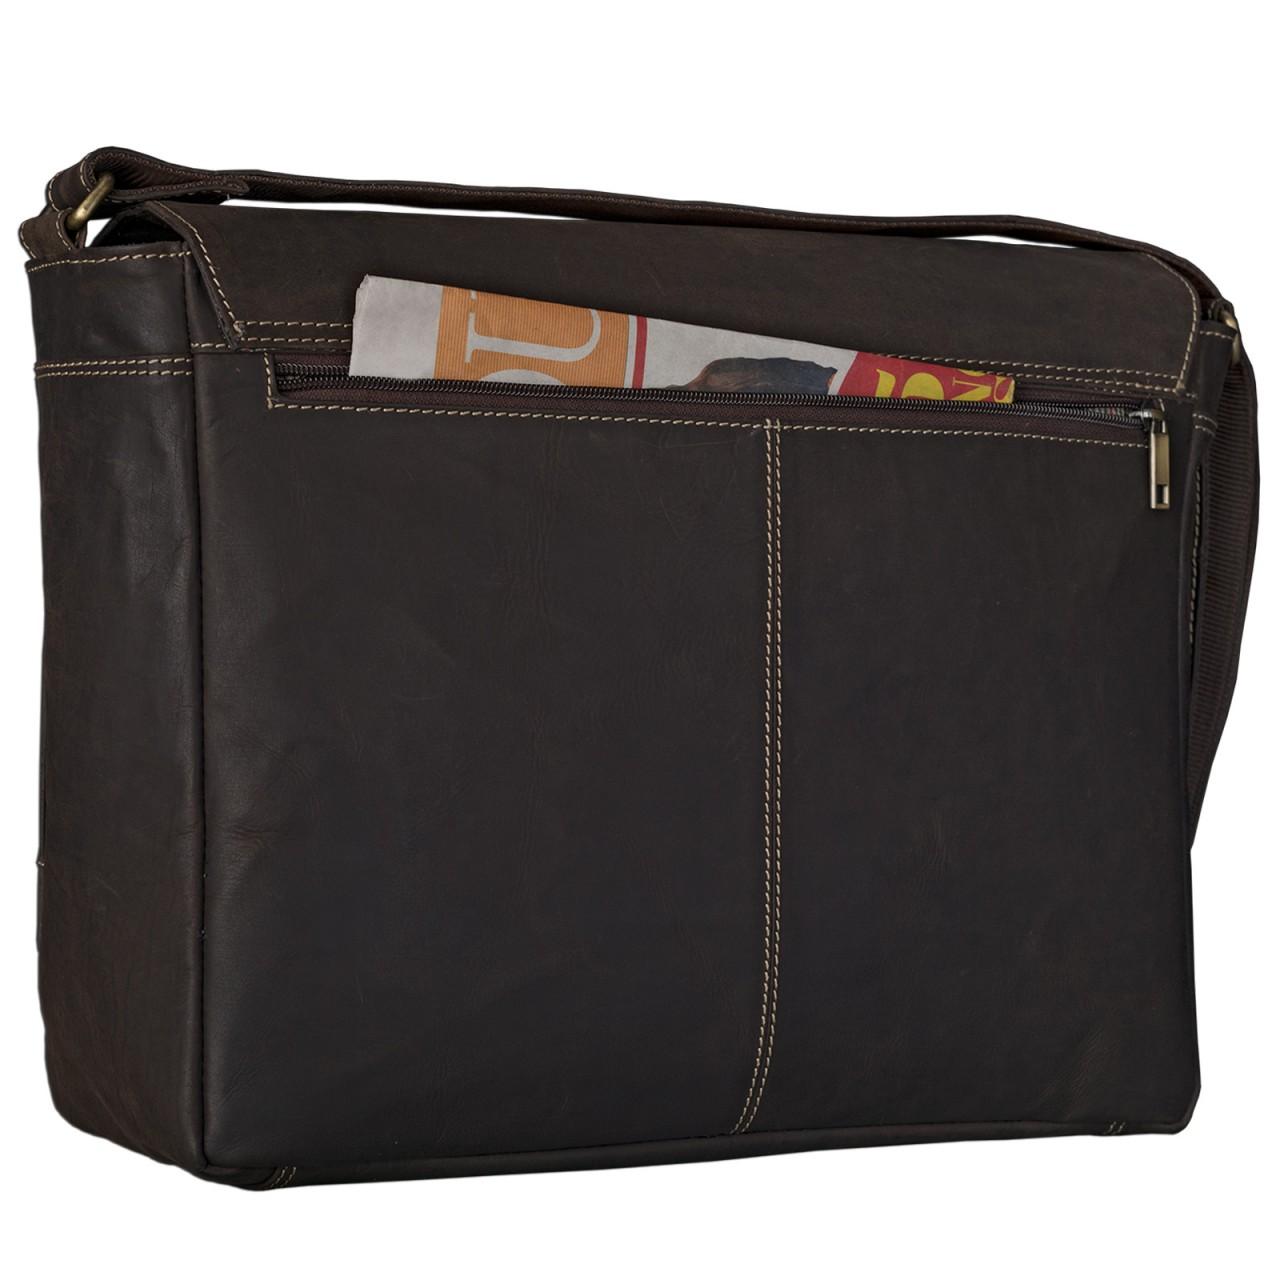 """STILORD """"Phil"""" Vintage Leder Umhängetasche für Herren und Damen Laptoptasche Unitasche Aktentasche Bürotasche Tasche echtes Leder - Bild 13"""